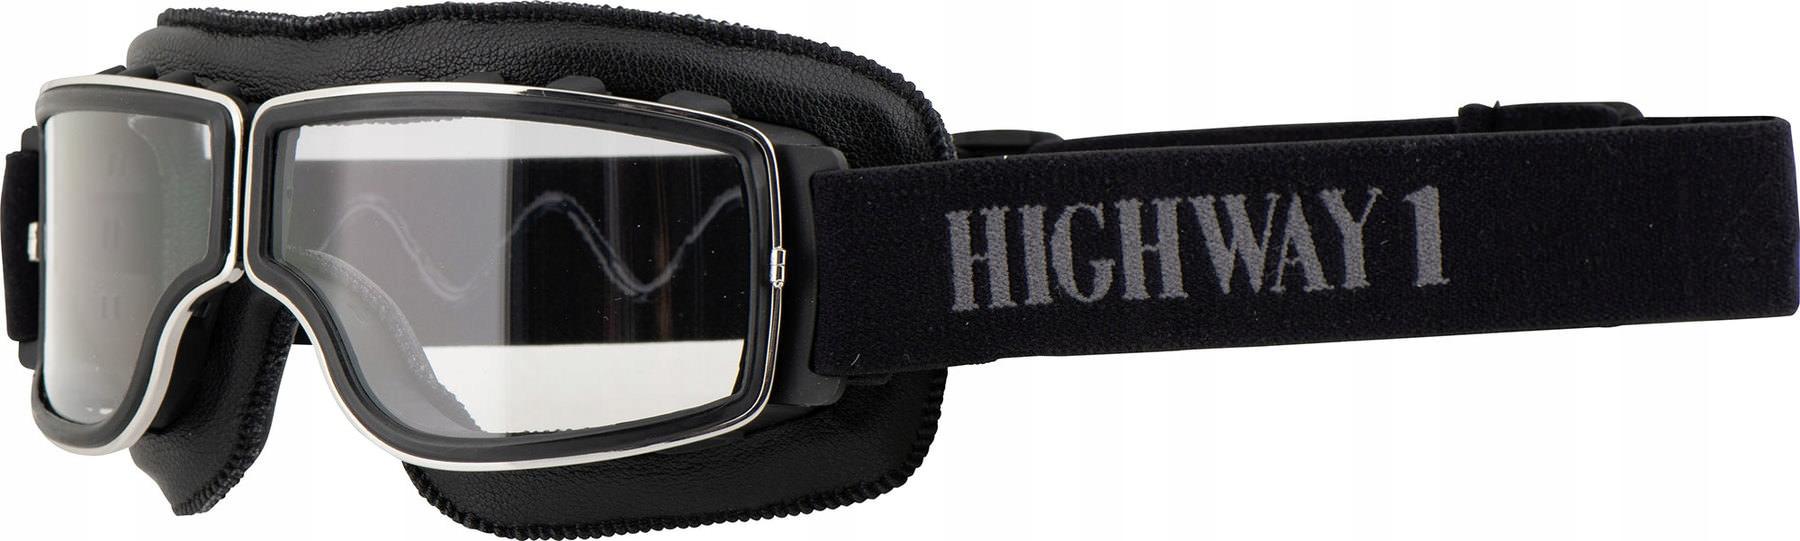 HIGHWAY 1 RETRO Motocyklové okuliare Transparentné